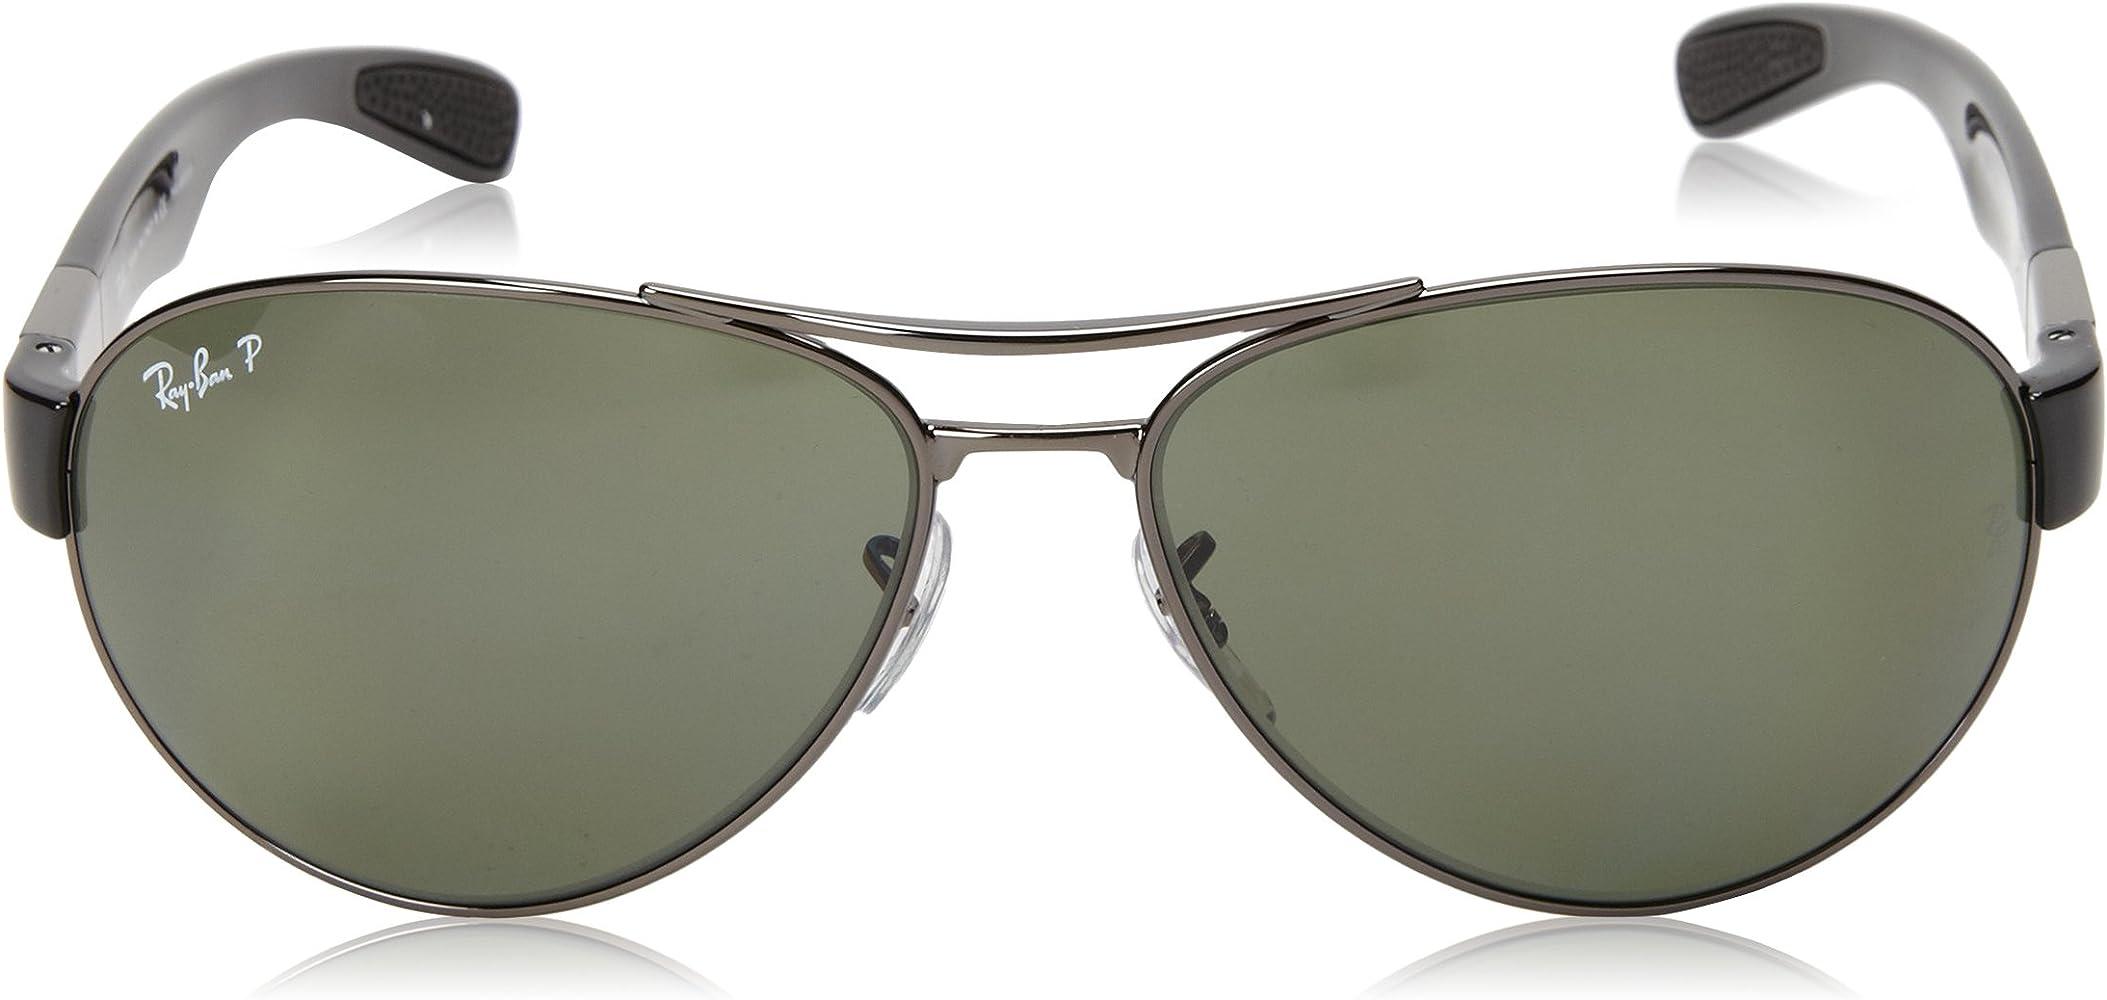 Ray-Ban Wrap gafas de sol Aviator Gunmetal verde polarizado RB3509 004/9A 63